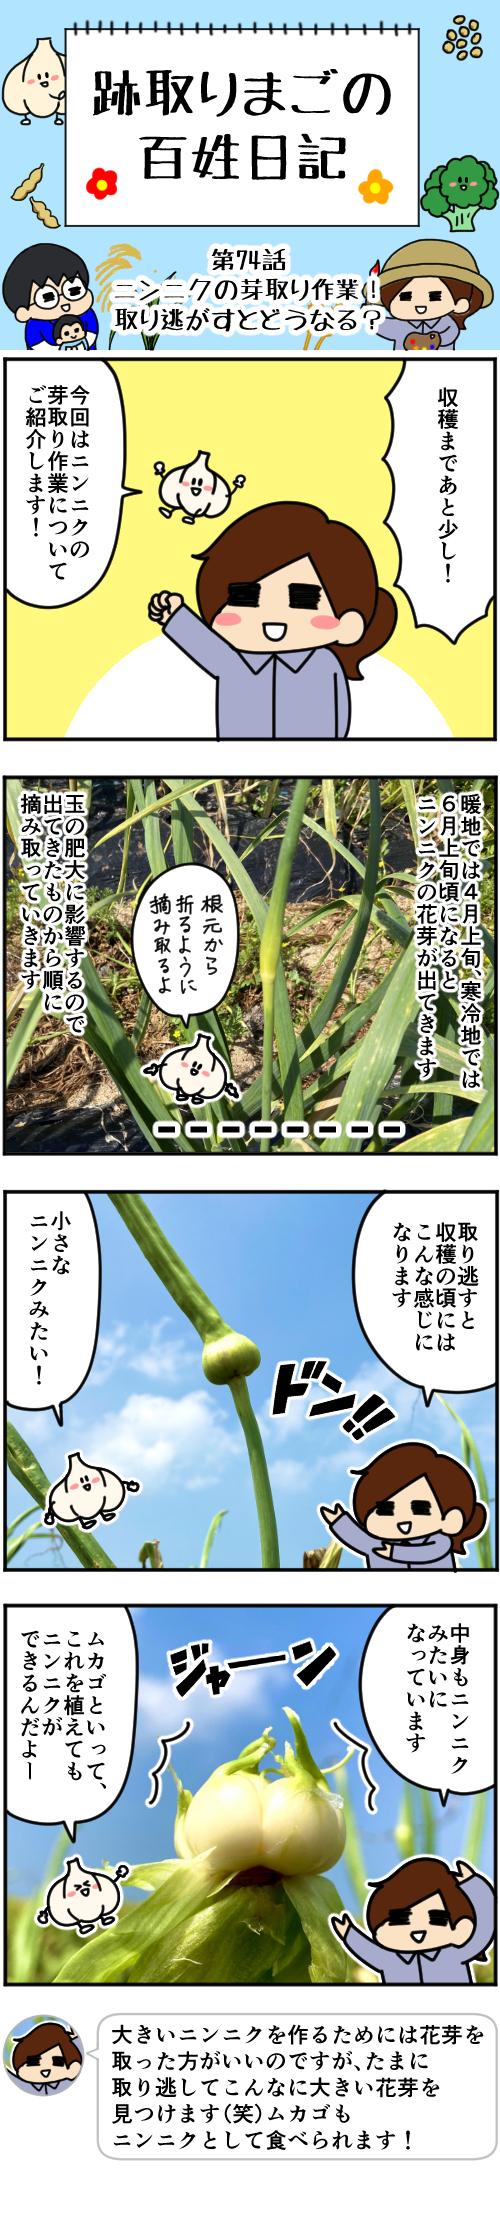 1 第74話本編